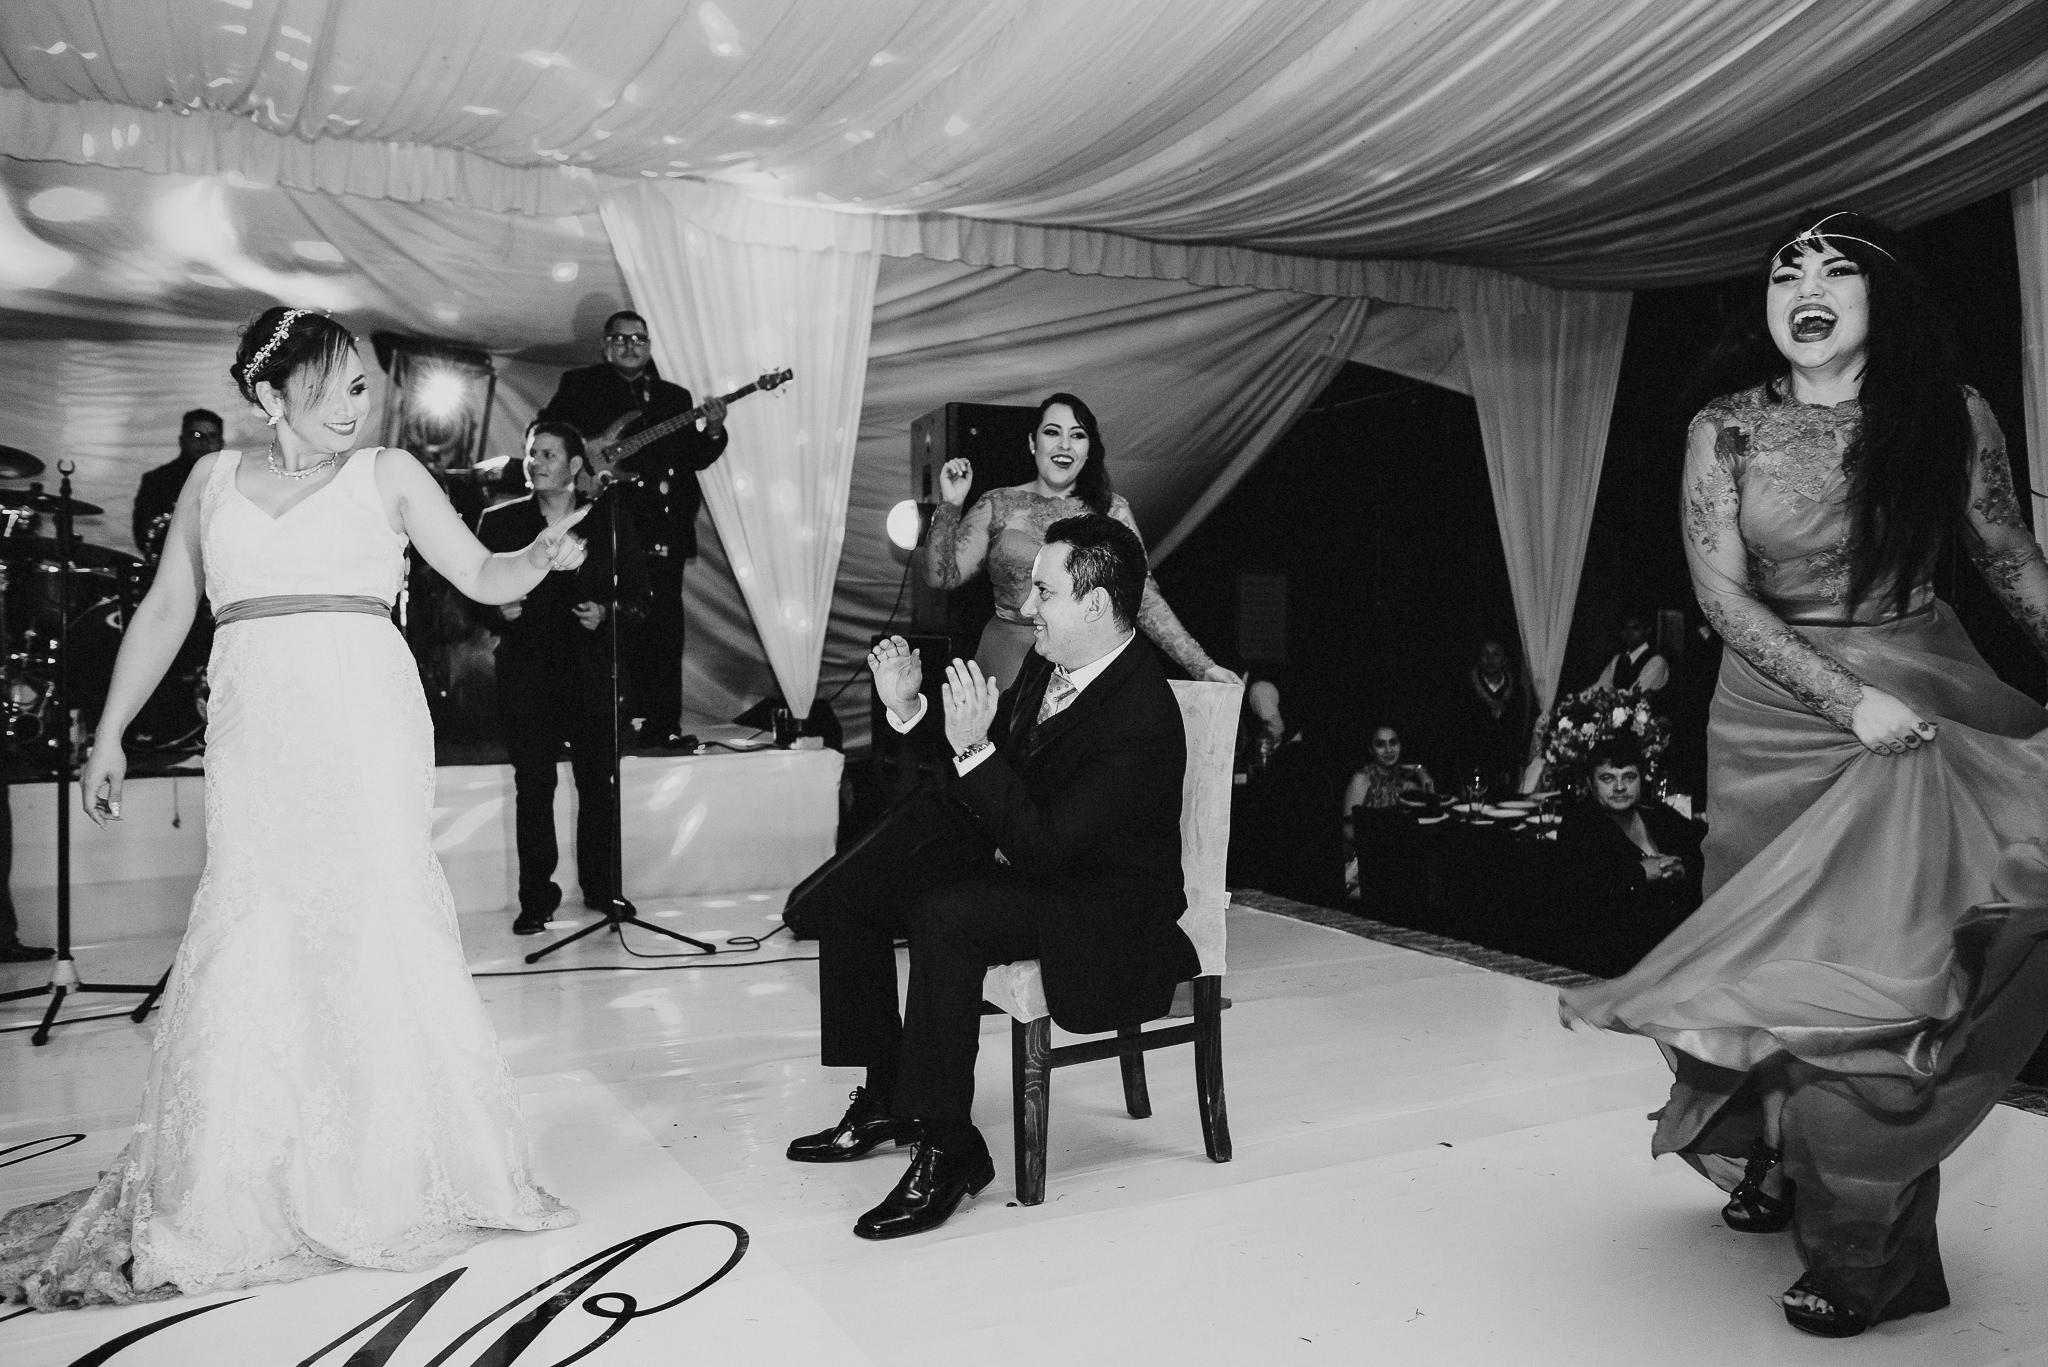 03boda-en-jardin-wedding-hacienda-los-cuartos-fotografo-luis-houdin113